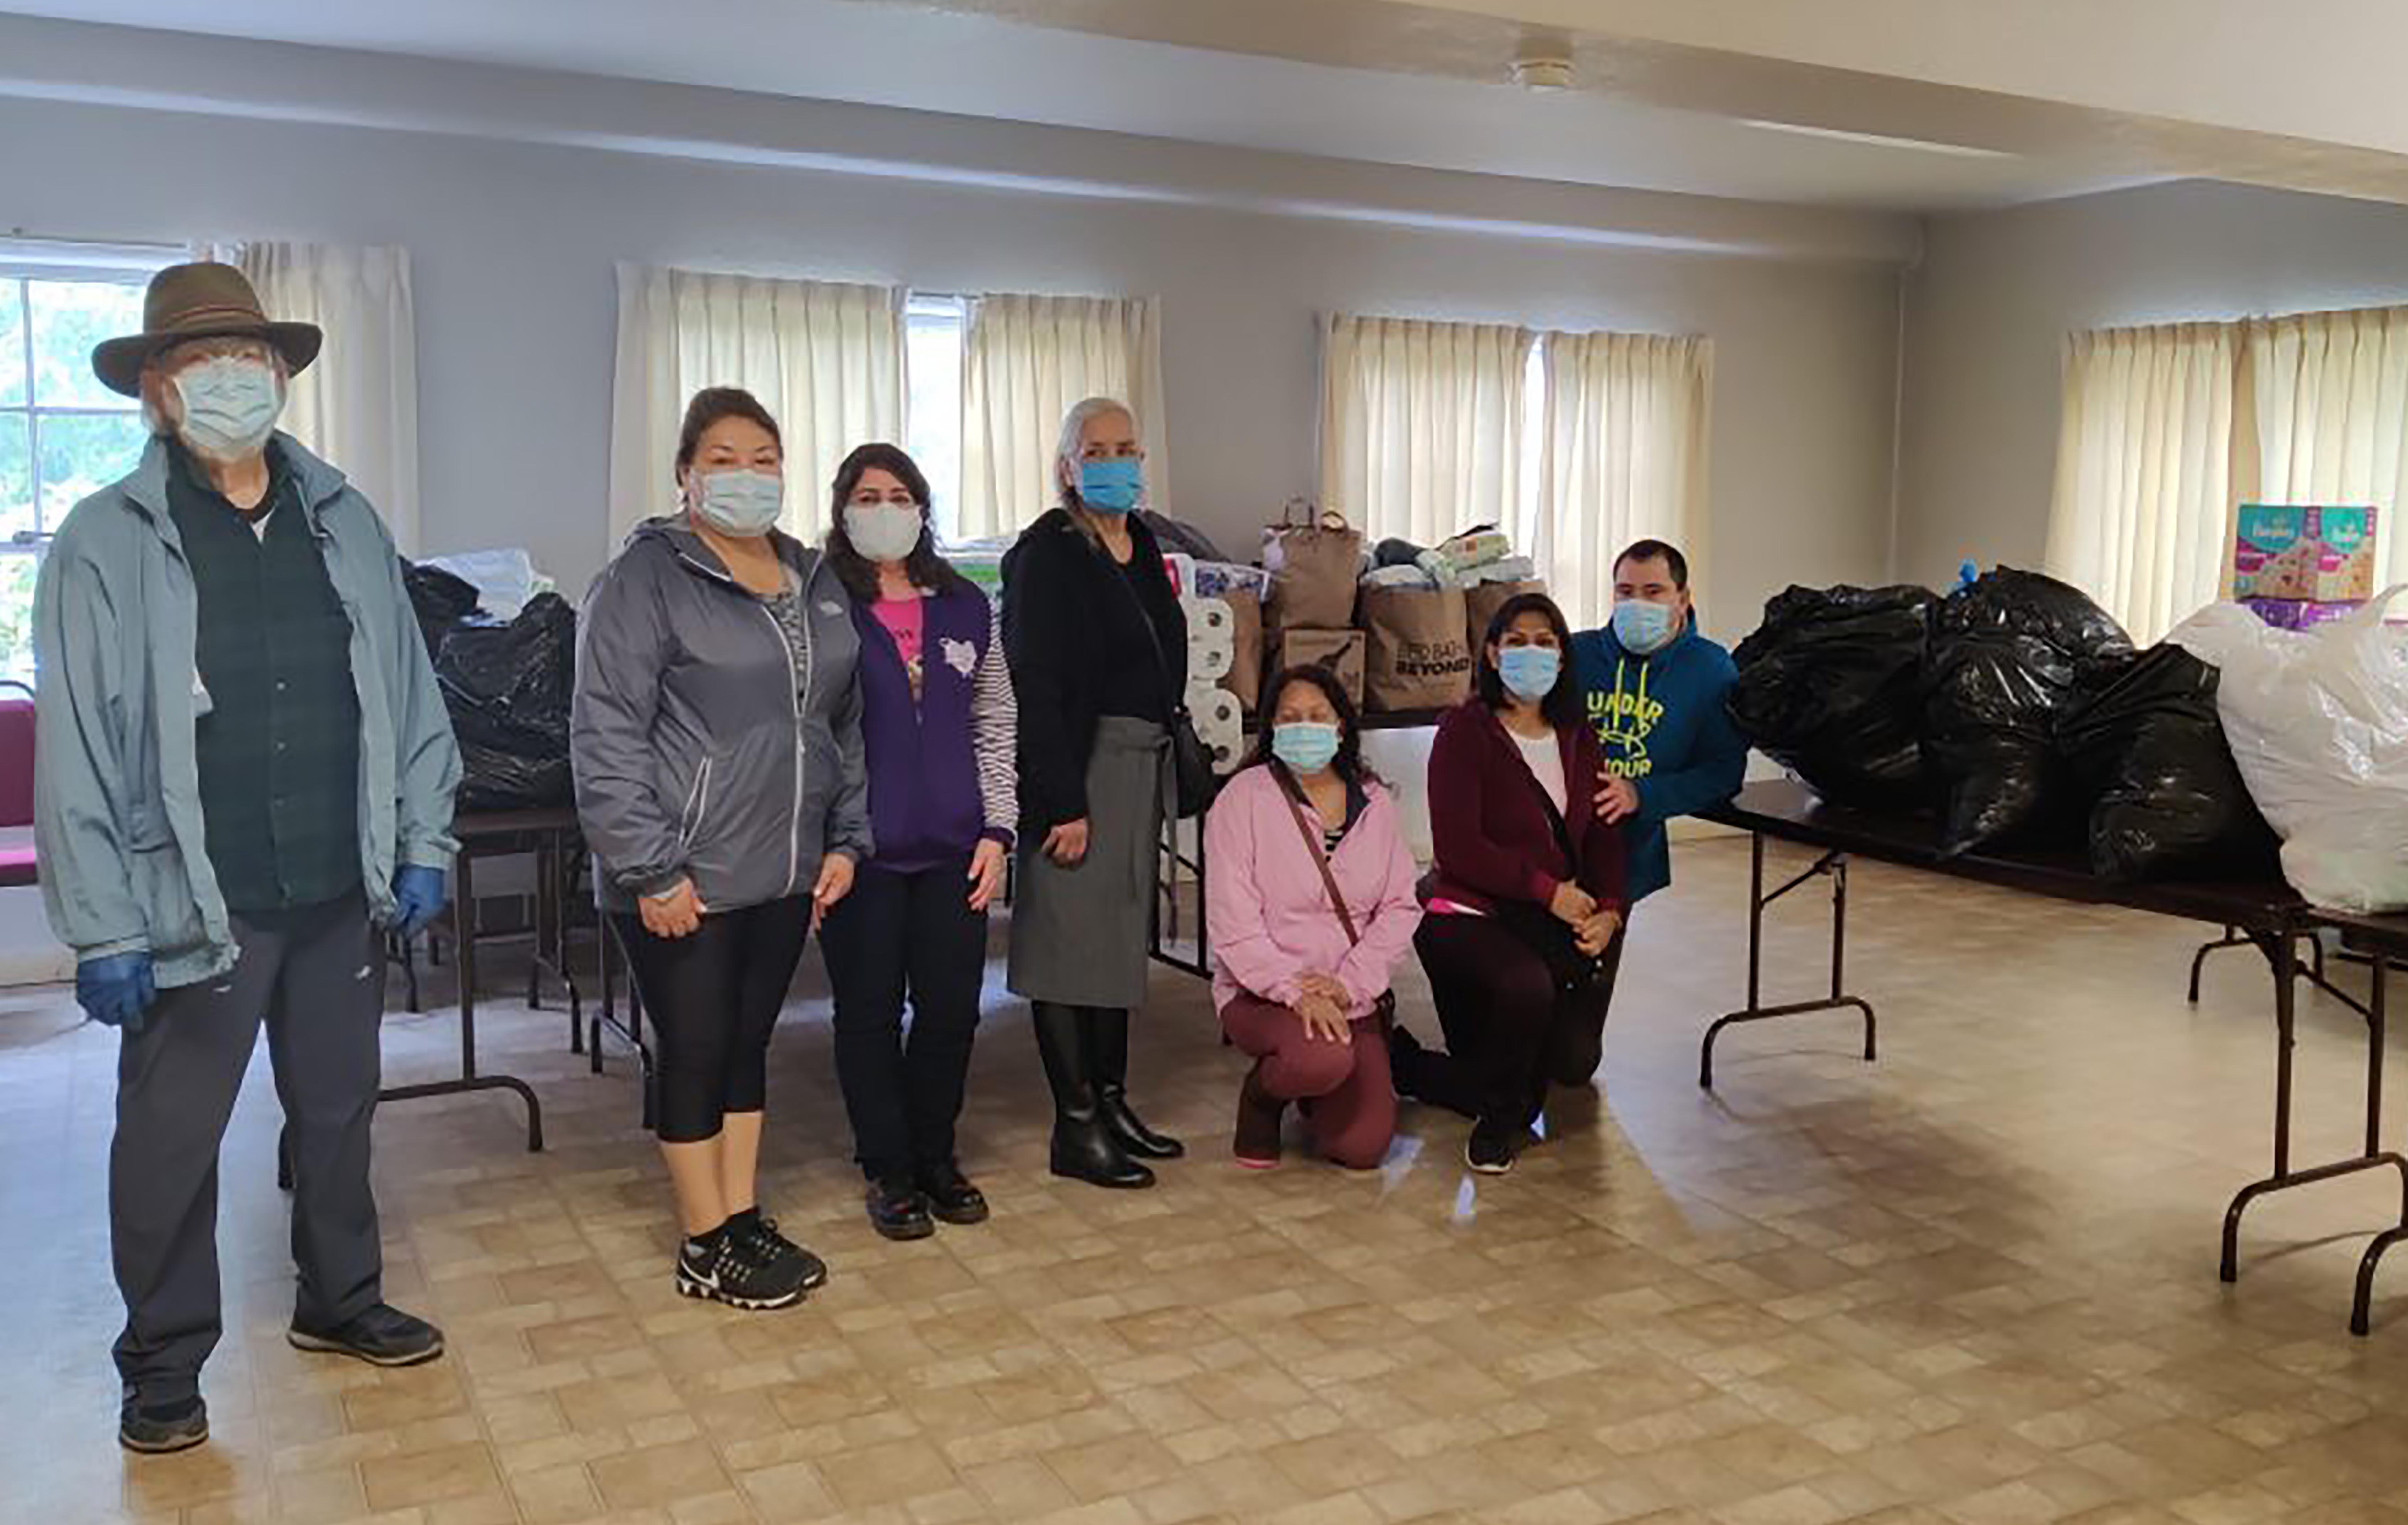 Miembros de la IMU Aloha en la Conferencia Anual de Oregon-Idaho recolectaron kits de higiene y otros artículos para la IMU Las Naciones en Salem, y distribuirlos a los/as trabajadores/as migrantes desplazados/as de sus hogares durante los incendios forestales. Foto cortesía del Área Episcopal Noreste.